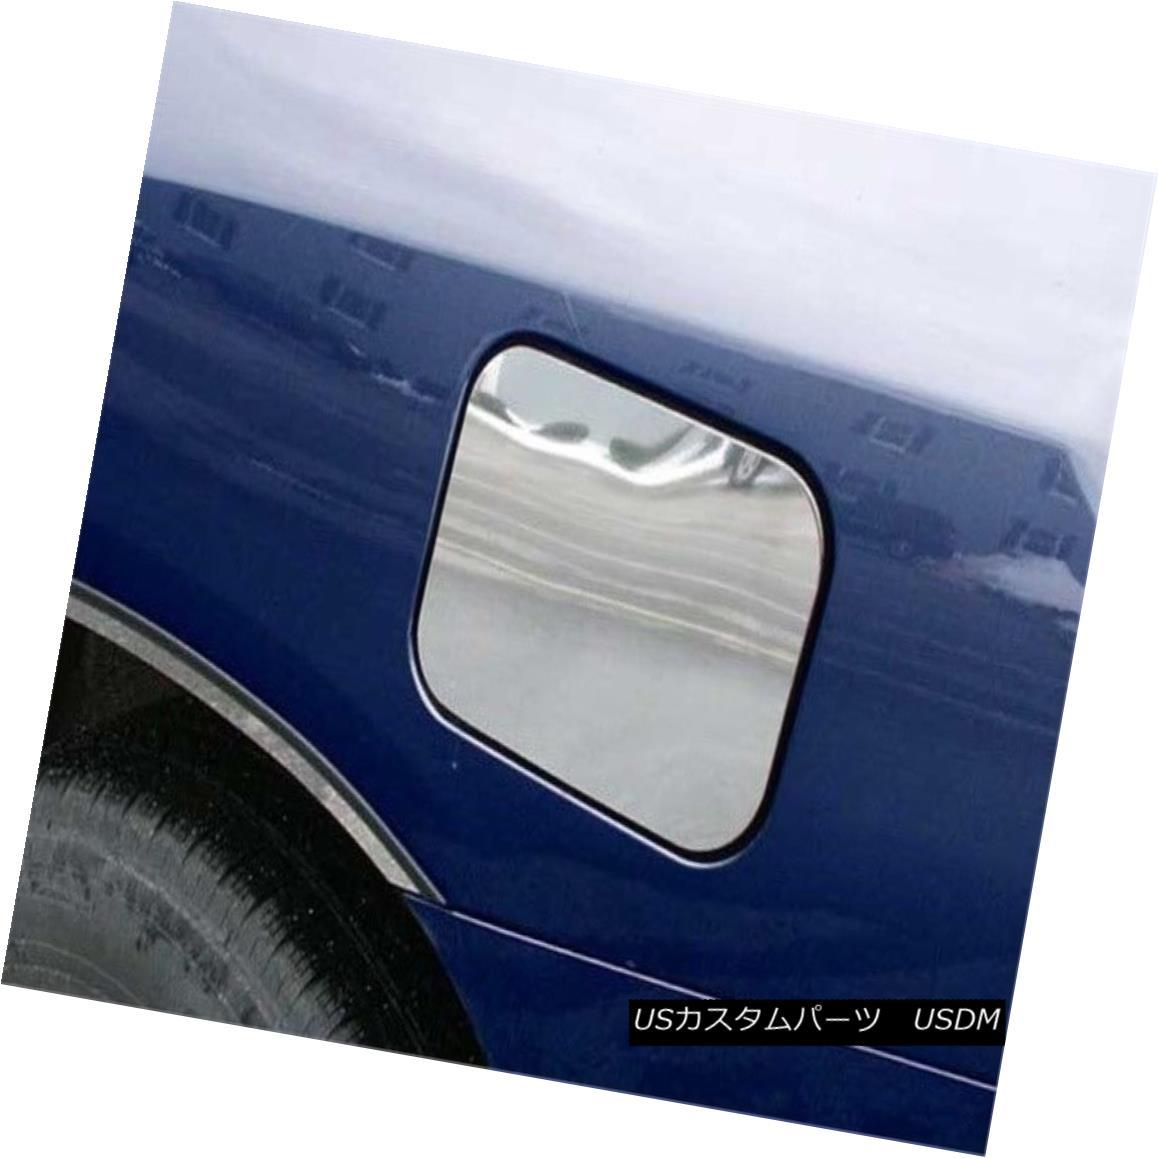 グリル Fits 2001-2007 TOYOTA HIGHLANDER 4-door, SUV -Stainless Steel GAS CAP DOOR 2001?2007年のTOYOTA HIGHLANDER 4ドア、SUVに対応 - ステンレススチールGAS CAP DOOR